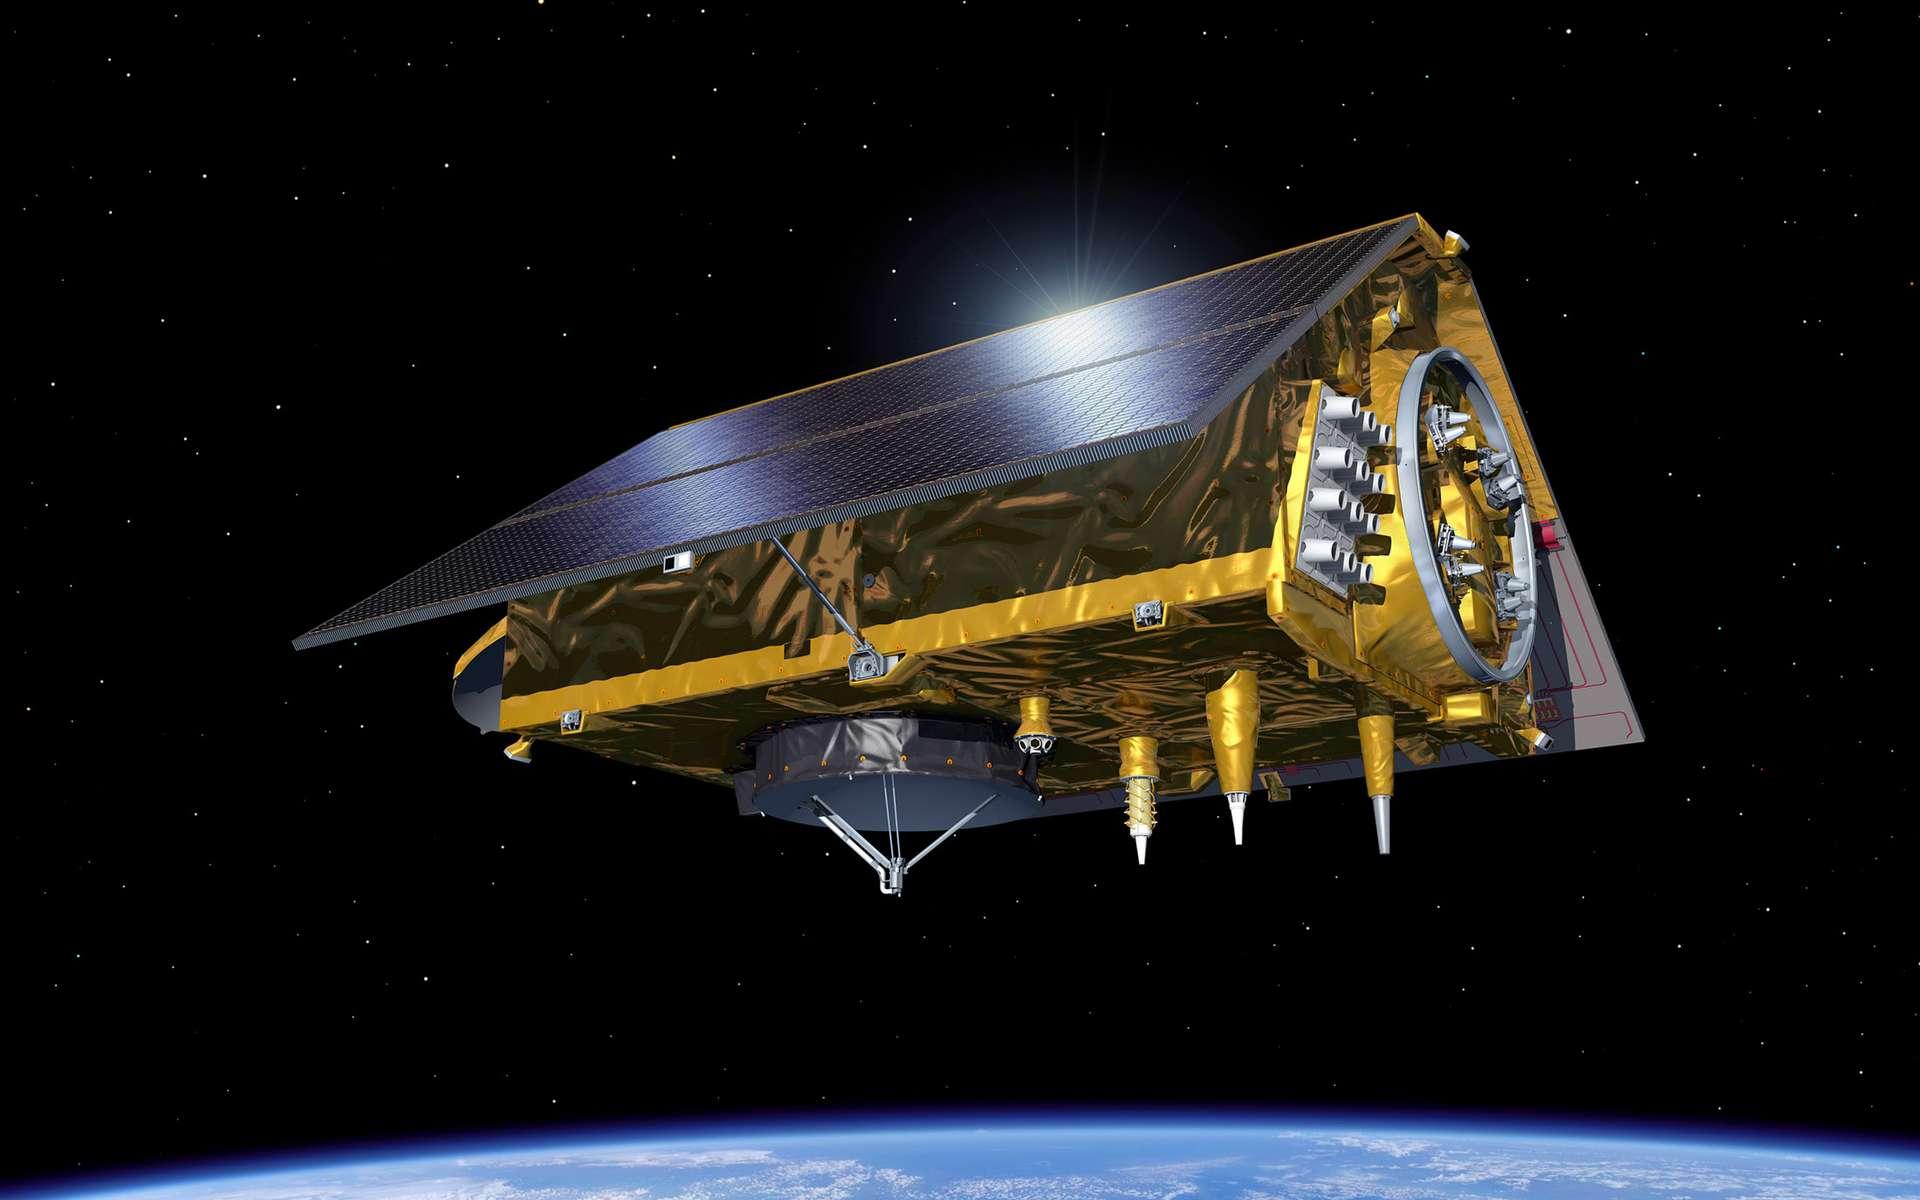 Vue d'artiste d'un satellite Sentinel 6 d'altimétrie spatiale. © ESA, P. Carril